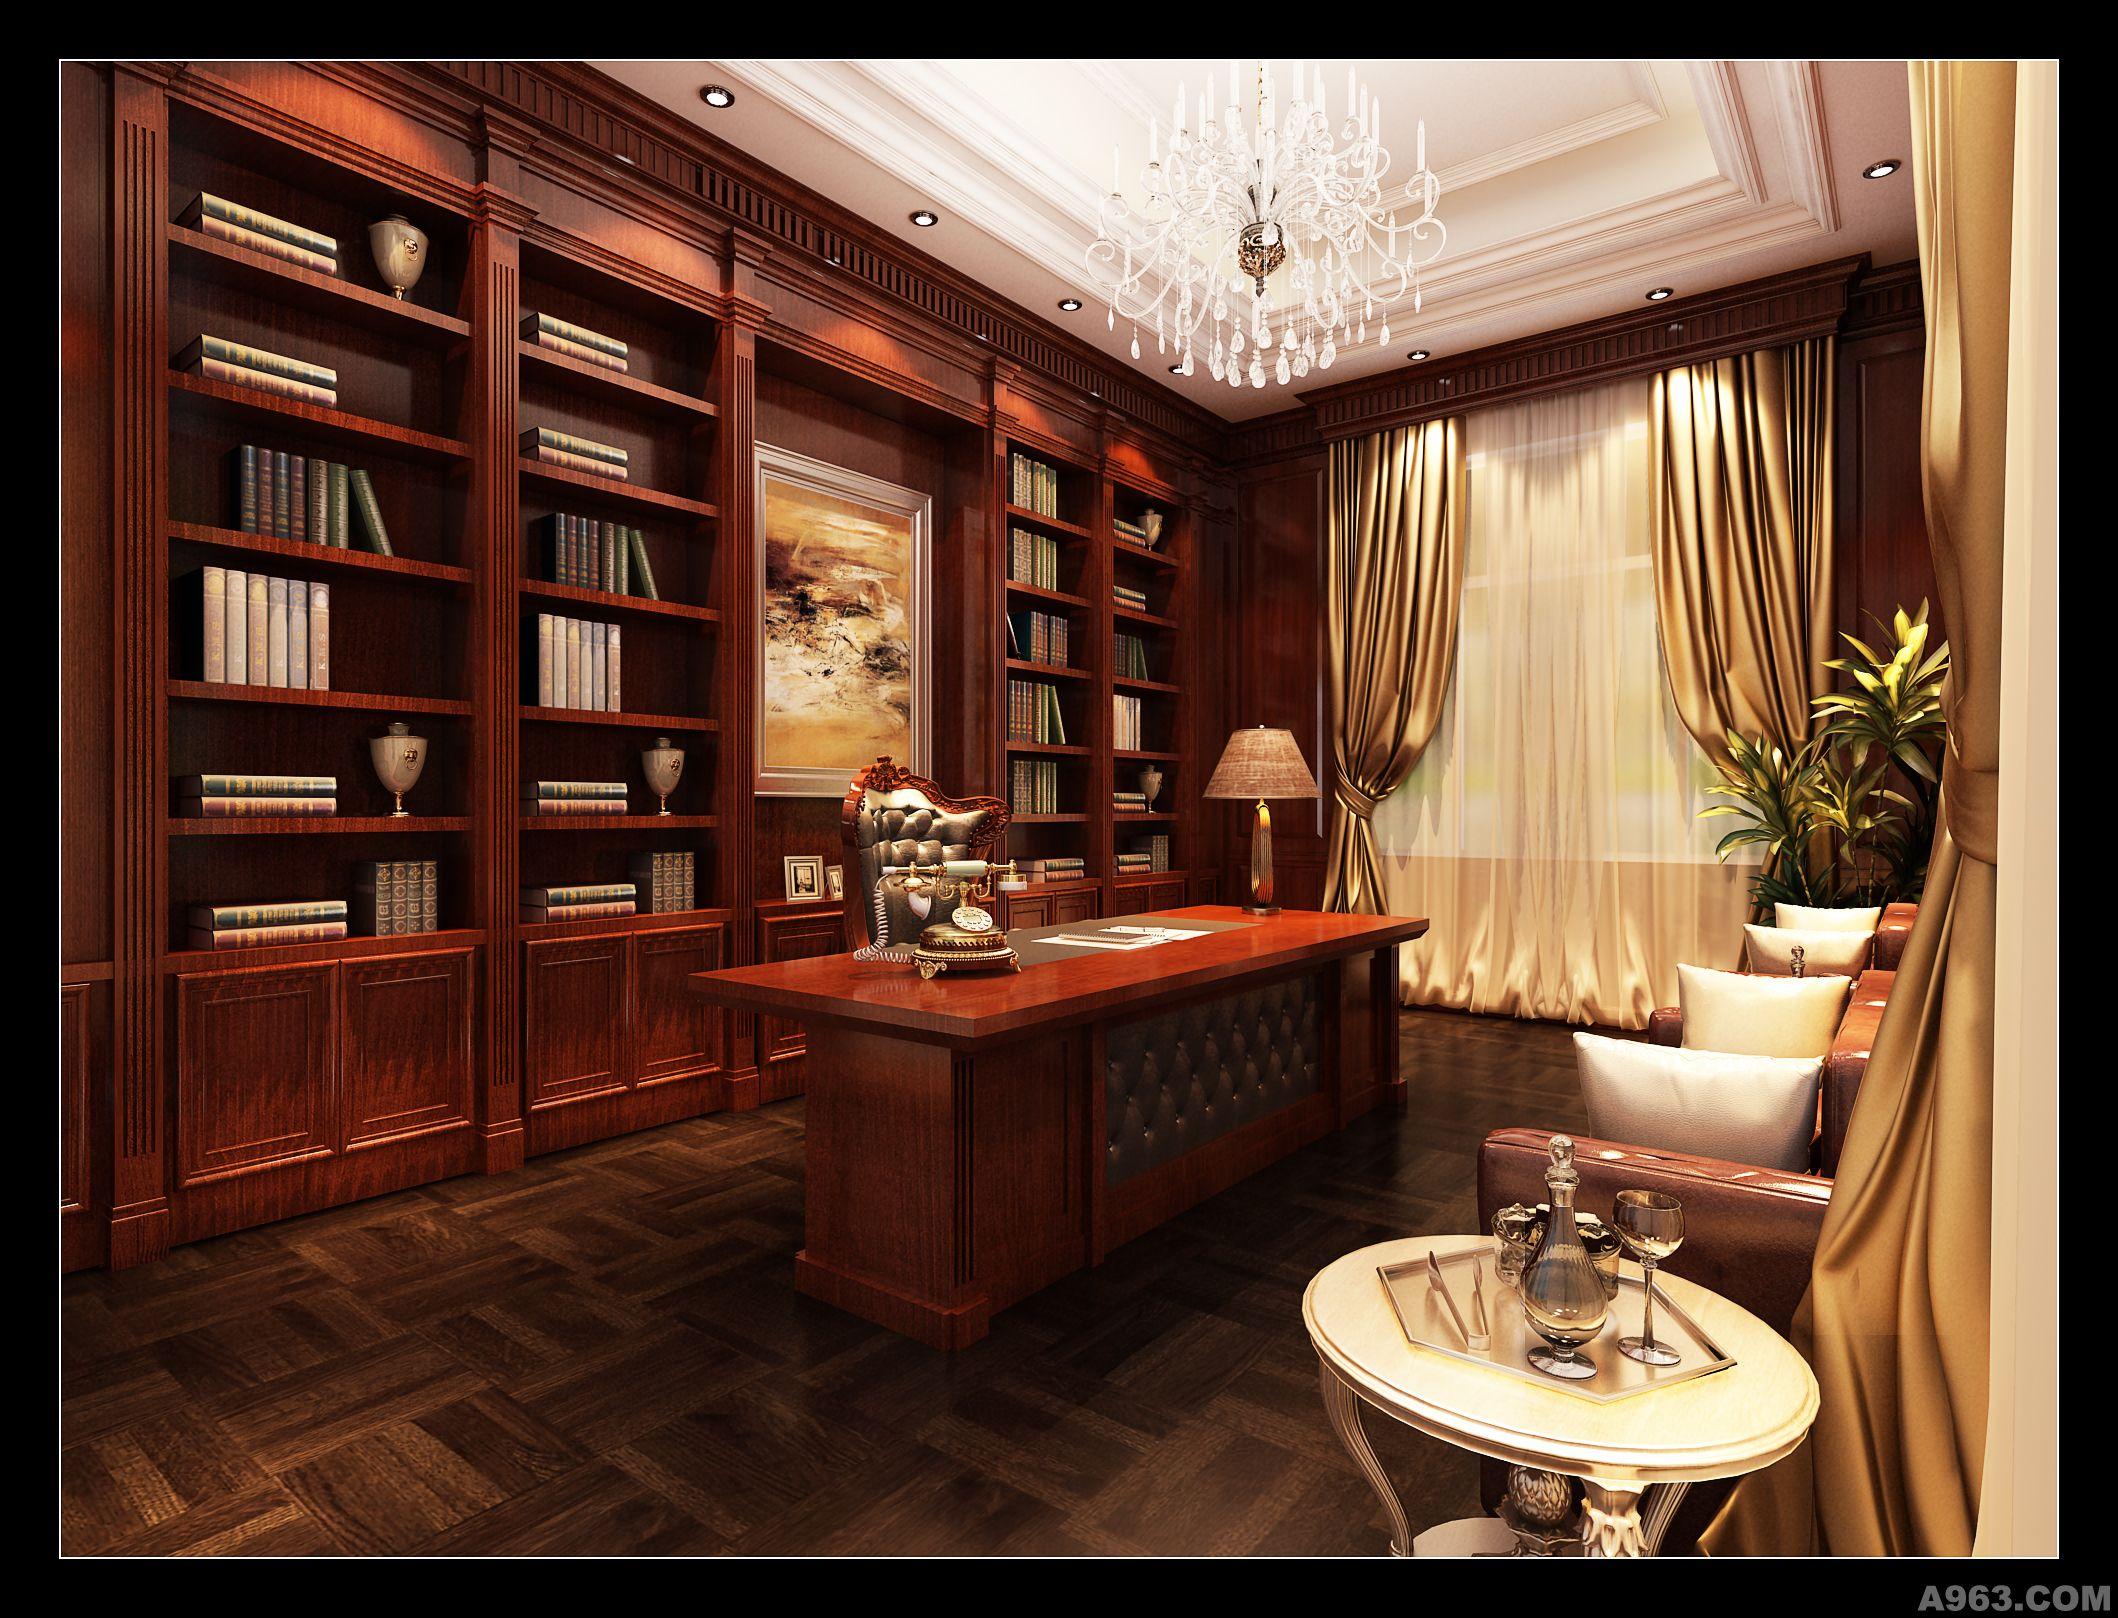 客厅:往往最显示业主的个性和品位,客厅是连接内外和沟通客主情感的主要场所。因此,客厅的设计从来都是设计师的着力点,不论是顶面、地面、墙面,还是家具乃至小小的配饰,都力求极致。 在客厅的设计上采用了一对对称的罗马柱,简洁,且气势磅礴,大有迎宾之势。典型的西式元素壁炉与东方的古典红木家具的共处一室,相视而置,中西合璧,和谐统一,使东方的内敛与西方的浪漫相融合,宛若东西方两种文明的对话,这正体现了业主兼收并蓄,包容宽广的博大胸怀。顶部的造型同样是一样抢眼,方与圆、黑与白的对比,设计师善于把东方易学的精髓贯穿于